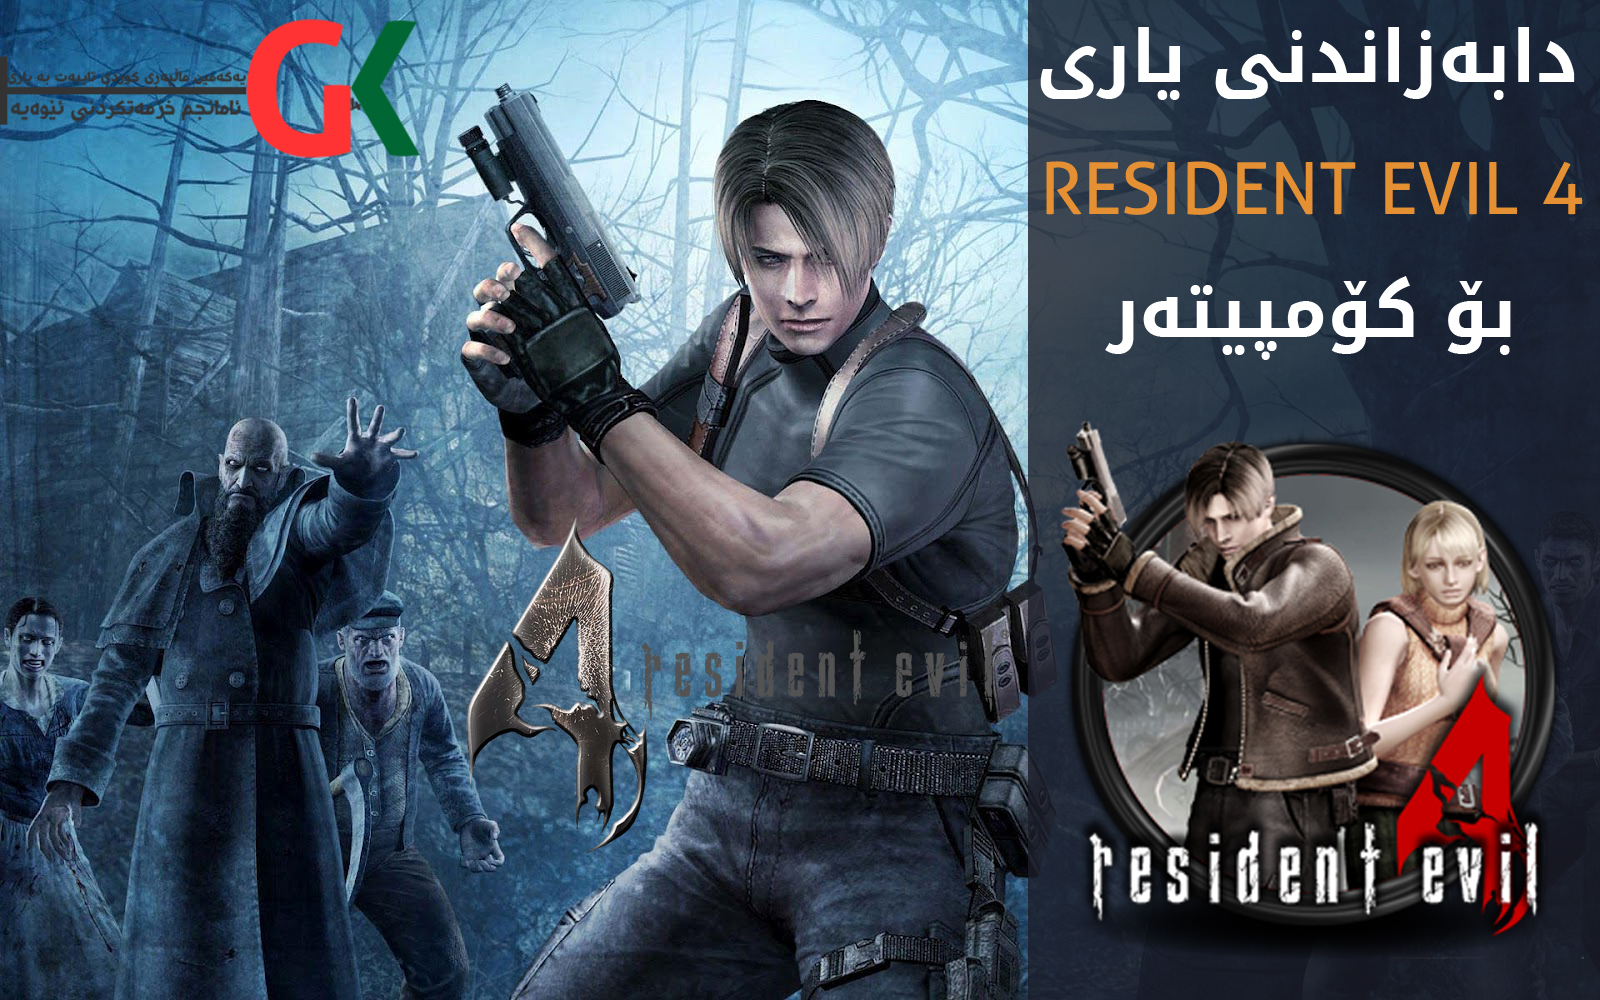 دابهزاندنی یاری Resident Evil 4 بۆ كۆمپیتهر + فێركاری